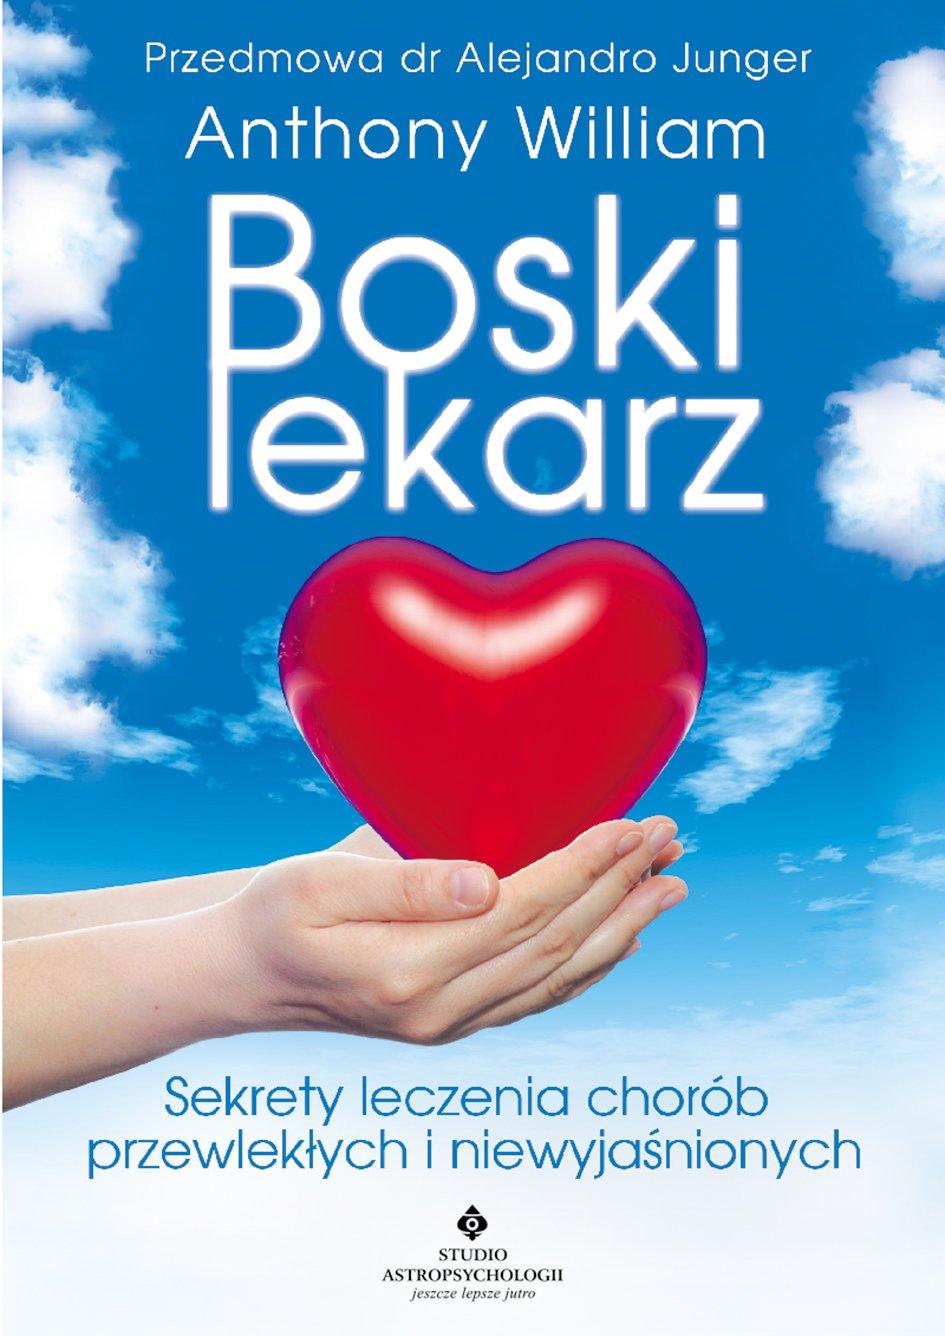 Boski lekarz. Sekrety leczenia chorób przewlekłych i niewyjaśnionych - Ebook (Książka na Kindle) do pobrania w formacie MOBI